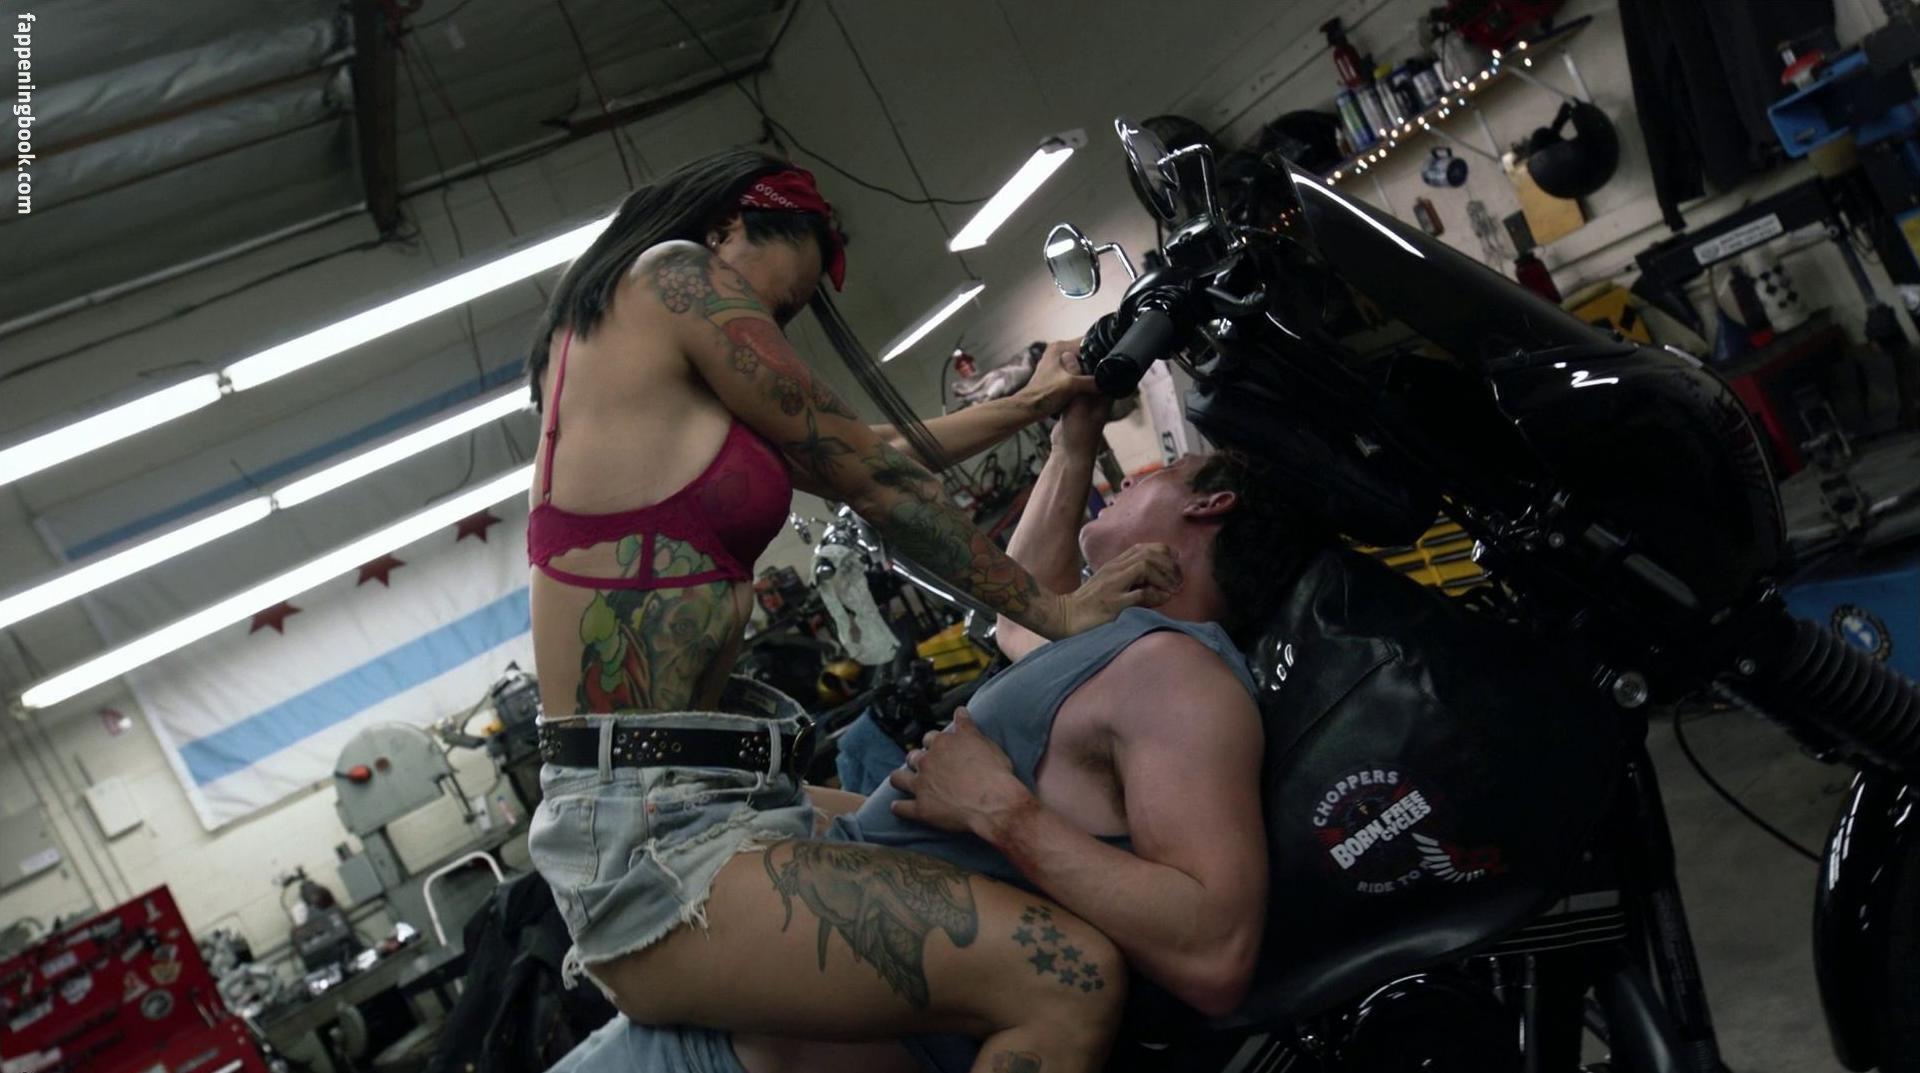 Levy Tran Nude